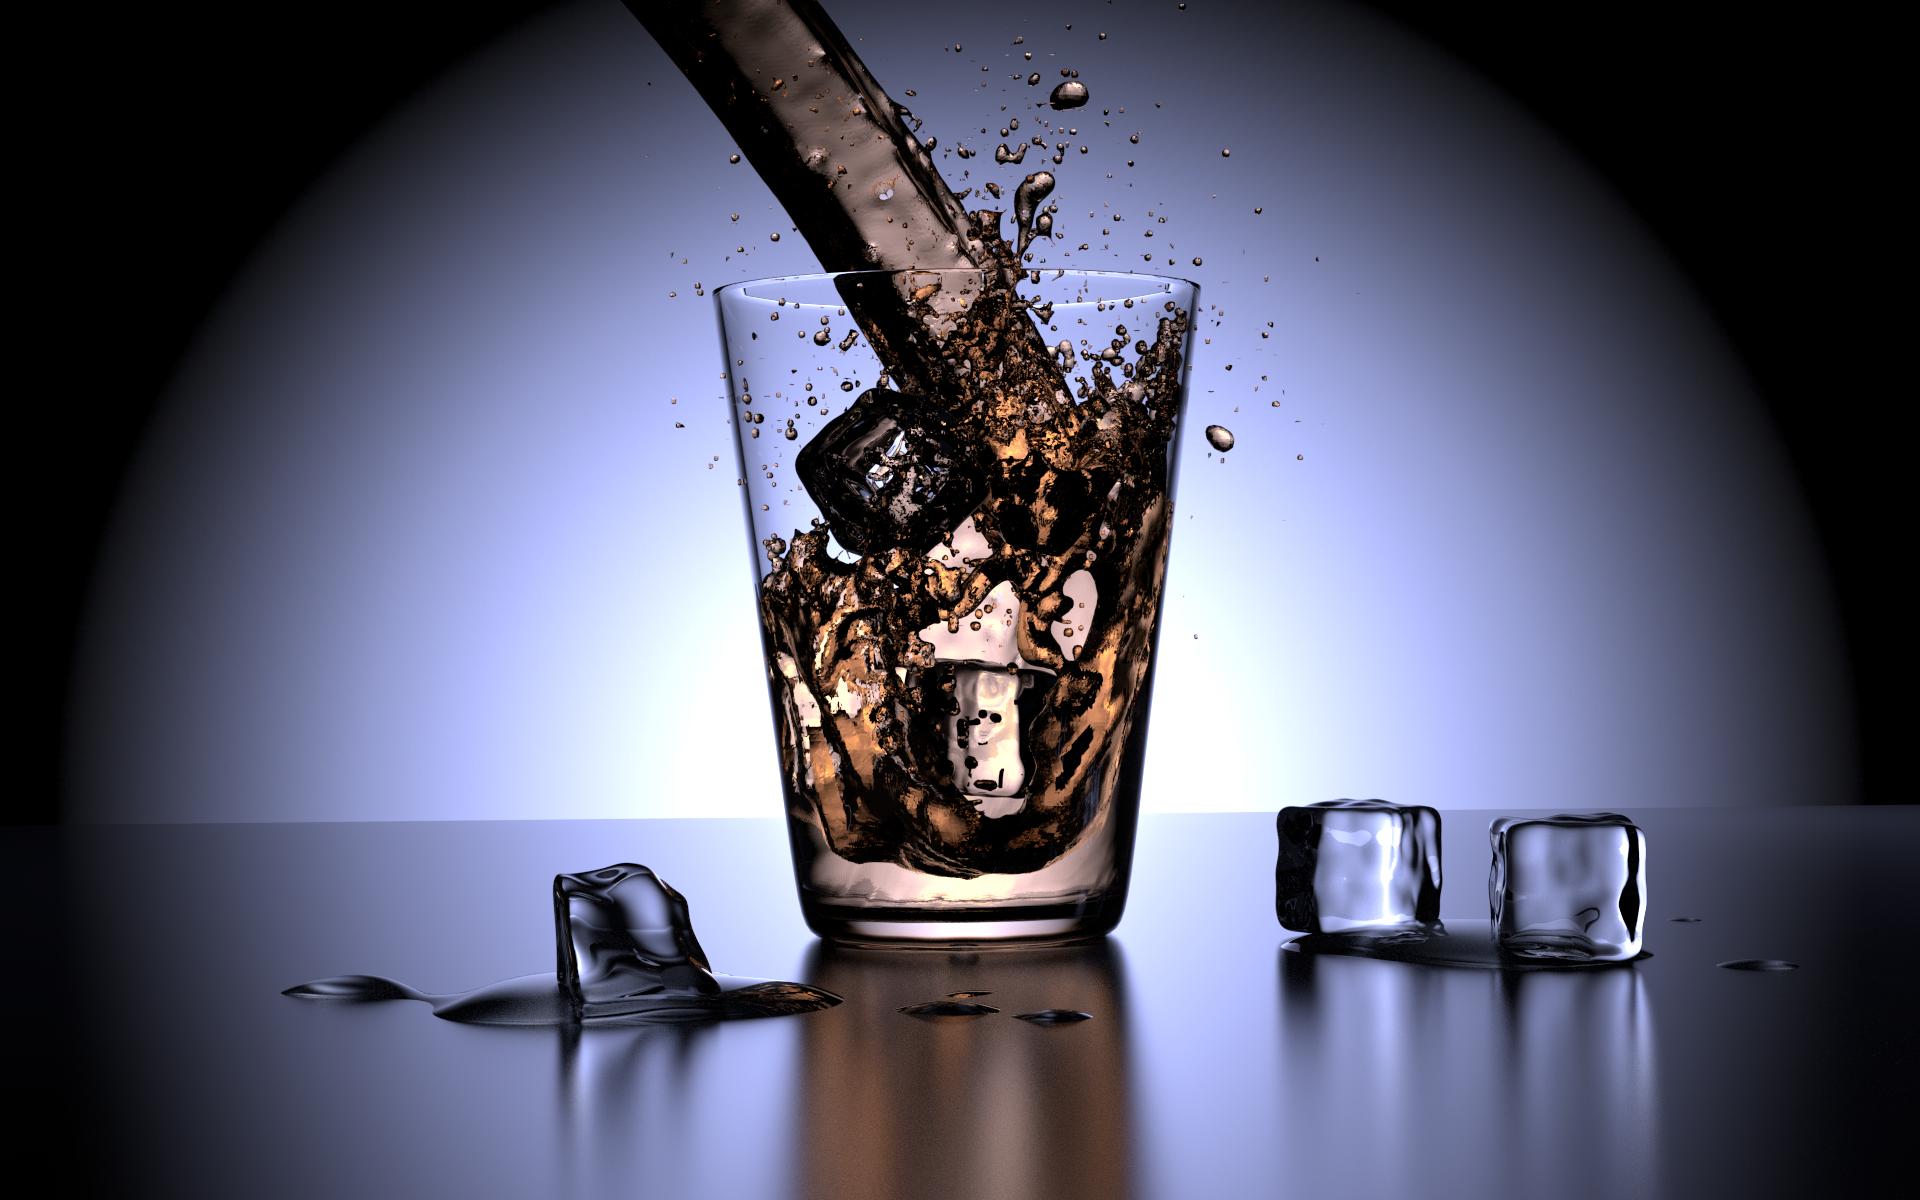 Wasserglas mit Eiswürfeln - kein Stilleben - erstellt mit Blender